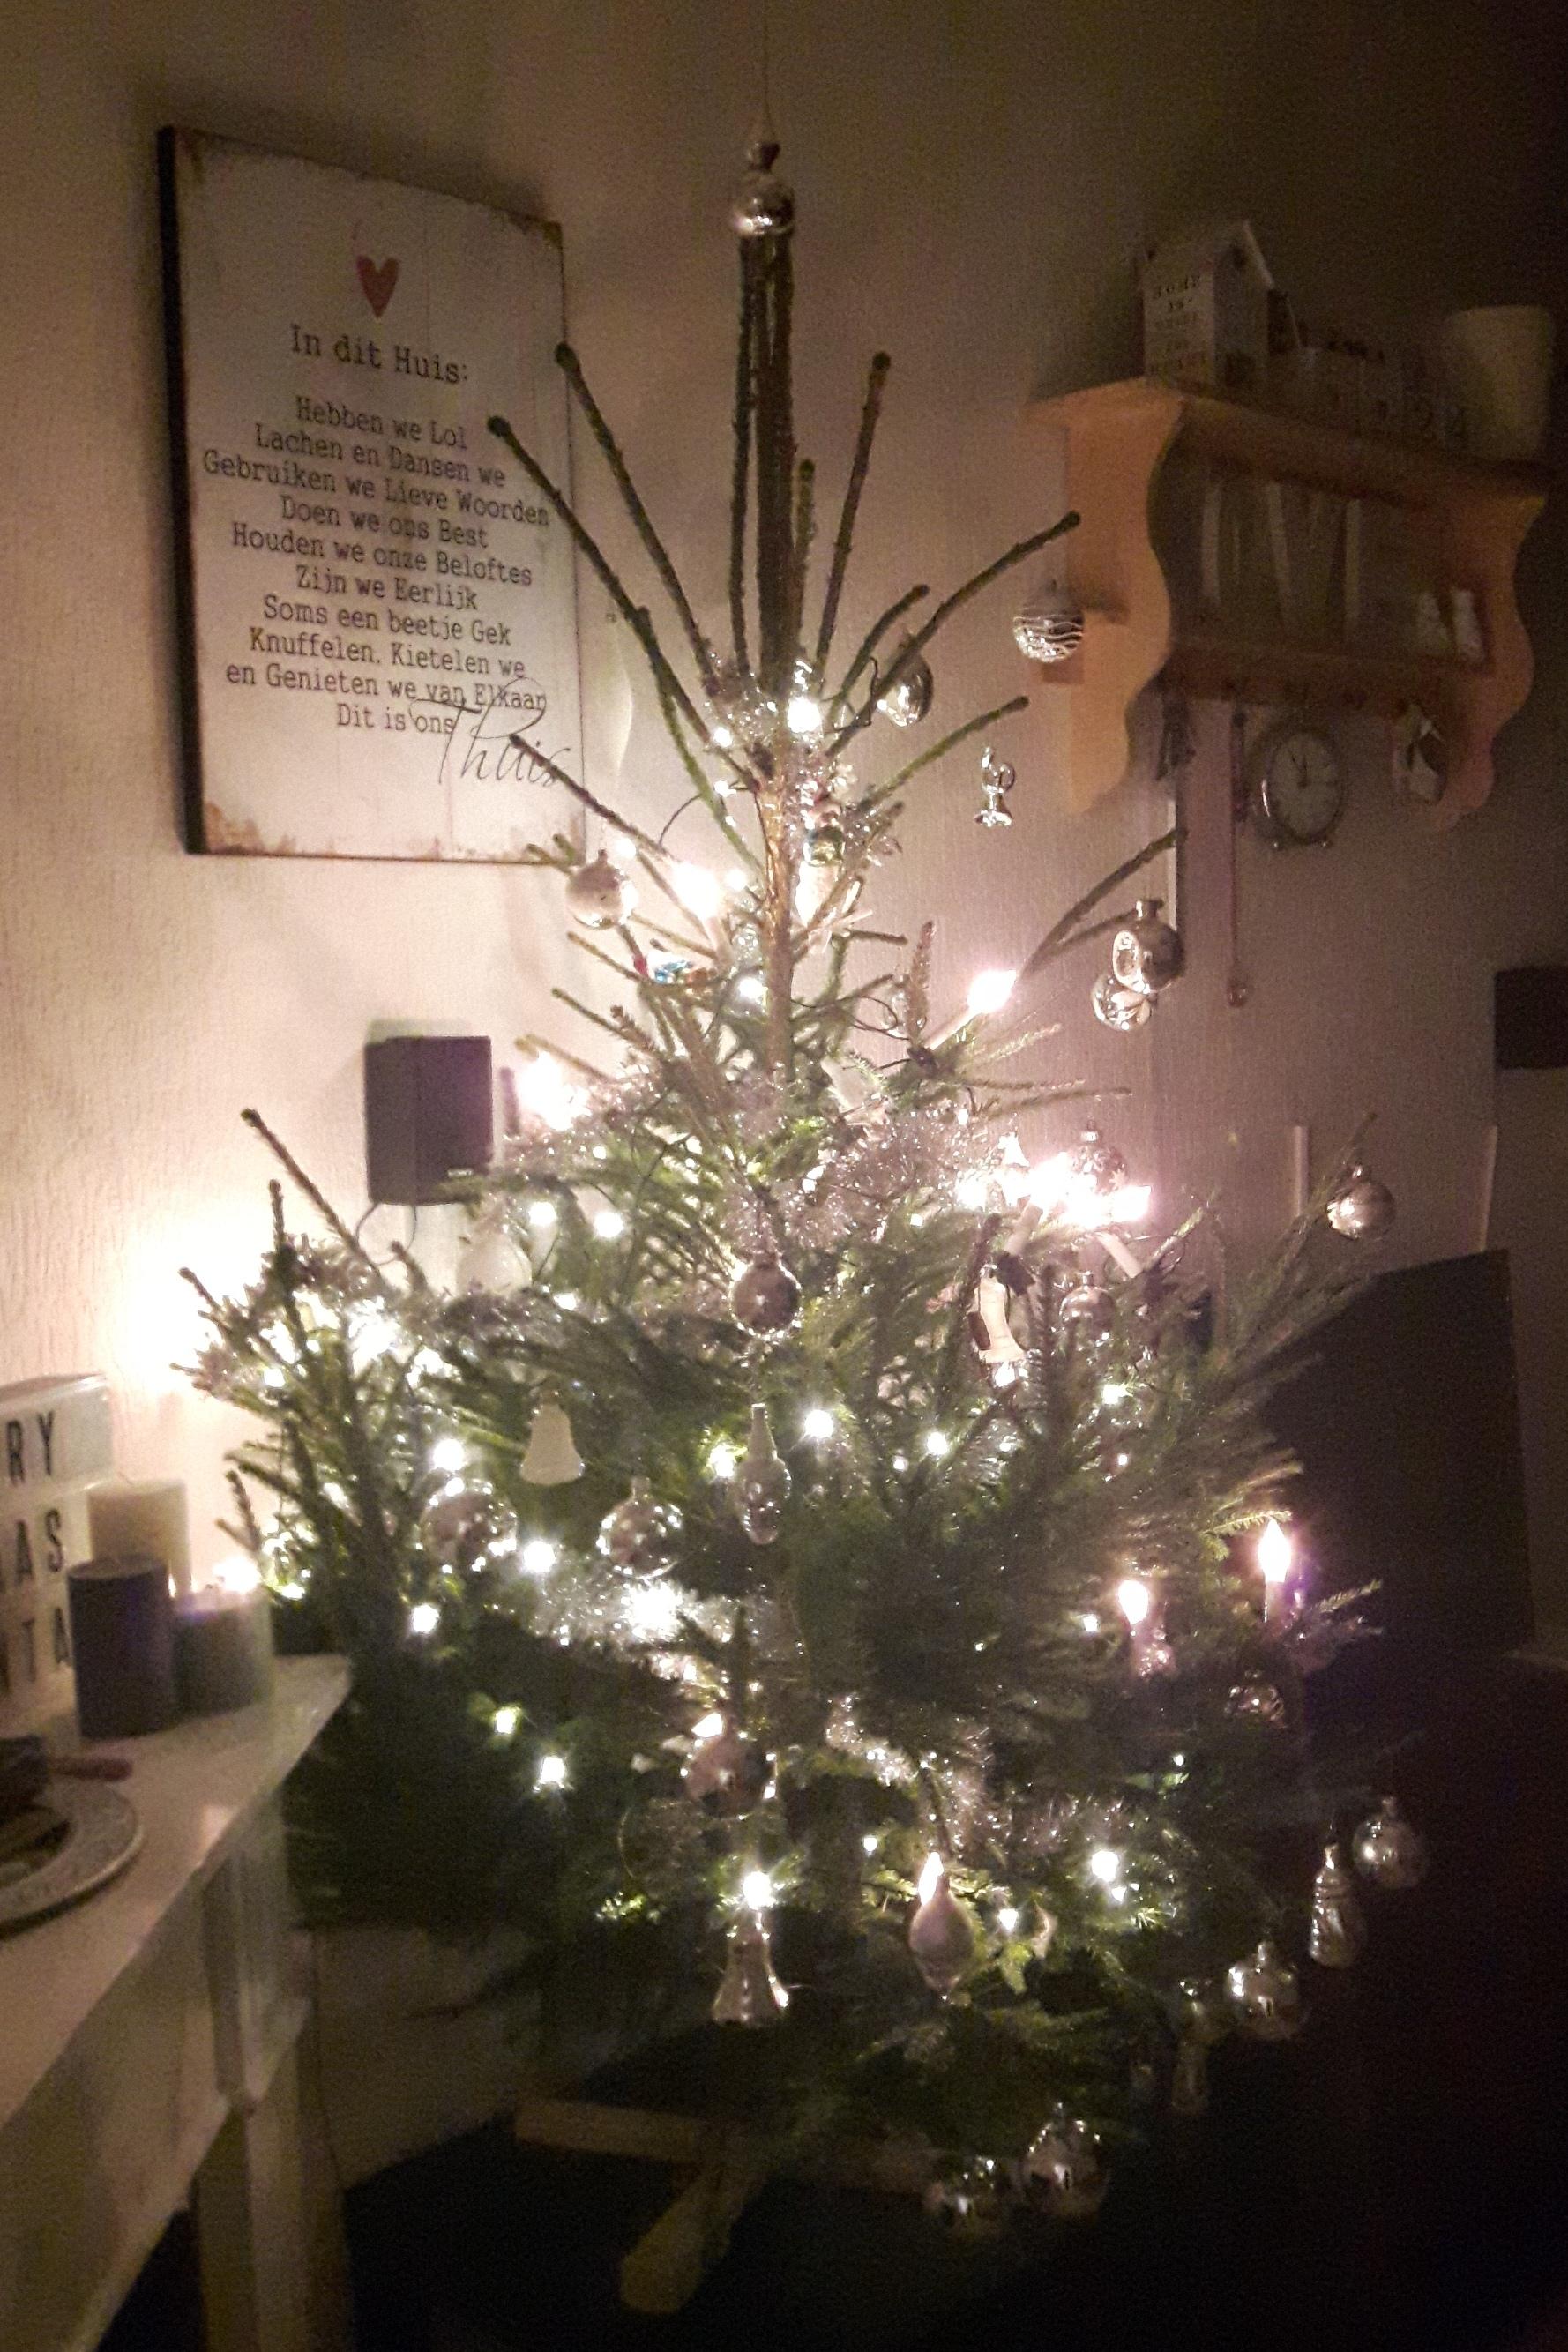 Kerstboom Opzetten Zelf Een Kerstboom Kruis Maken Kaboutertuin